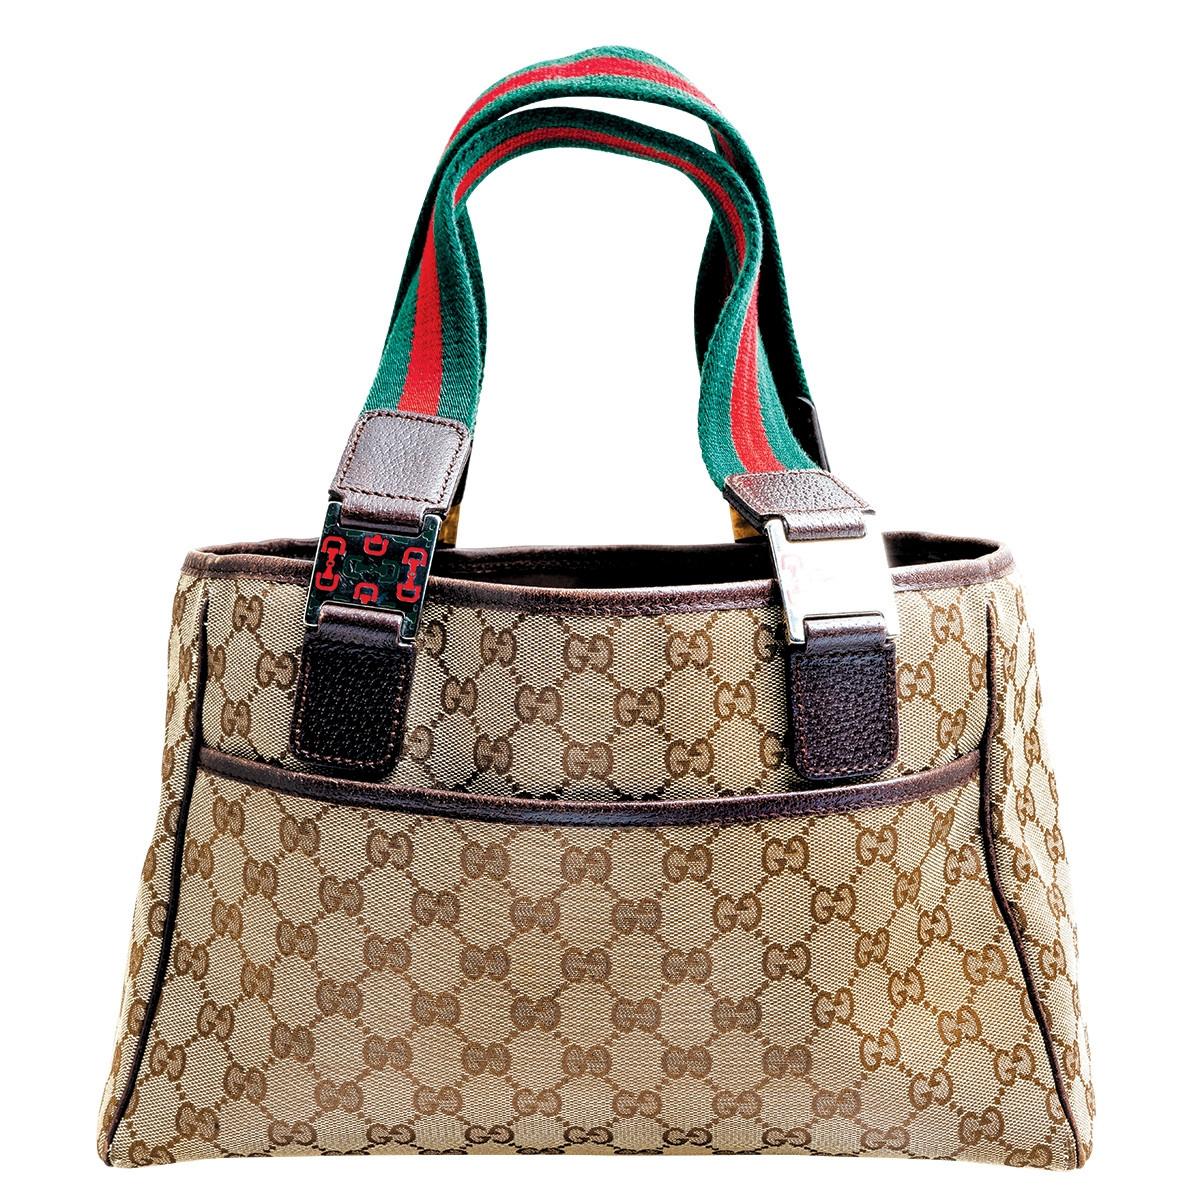 Vintage Gucci Monogram Shoulder Tote Bag